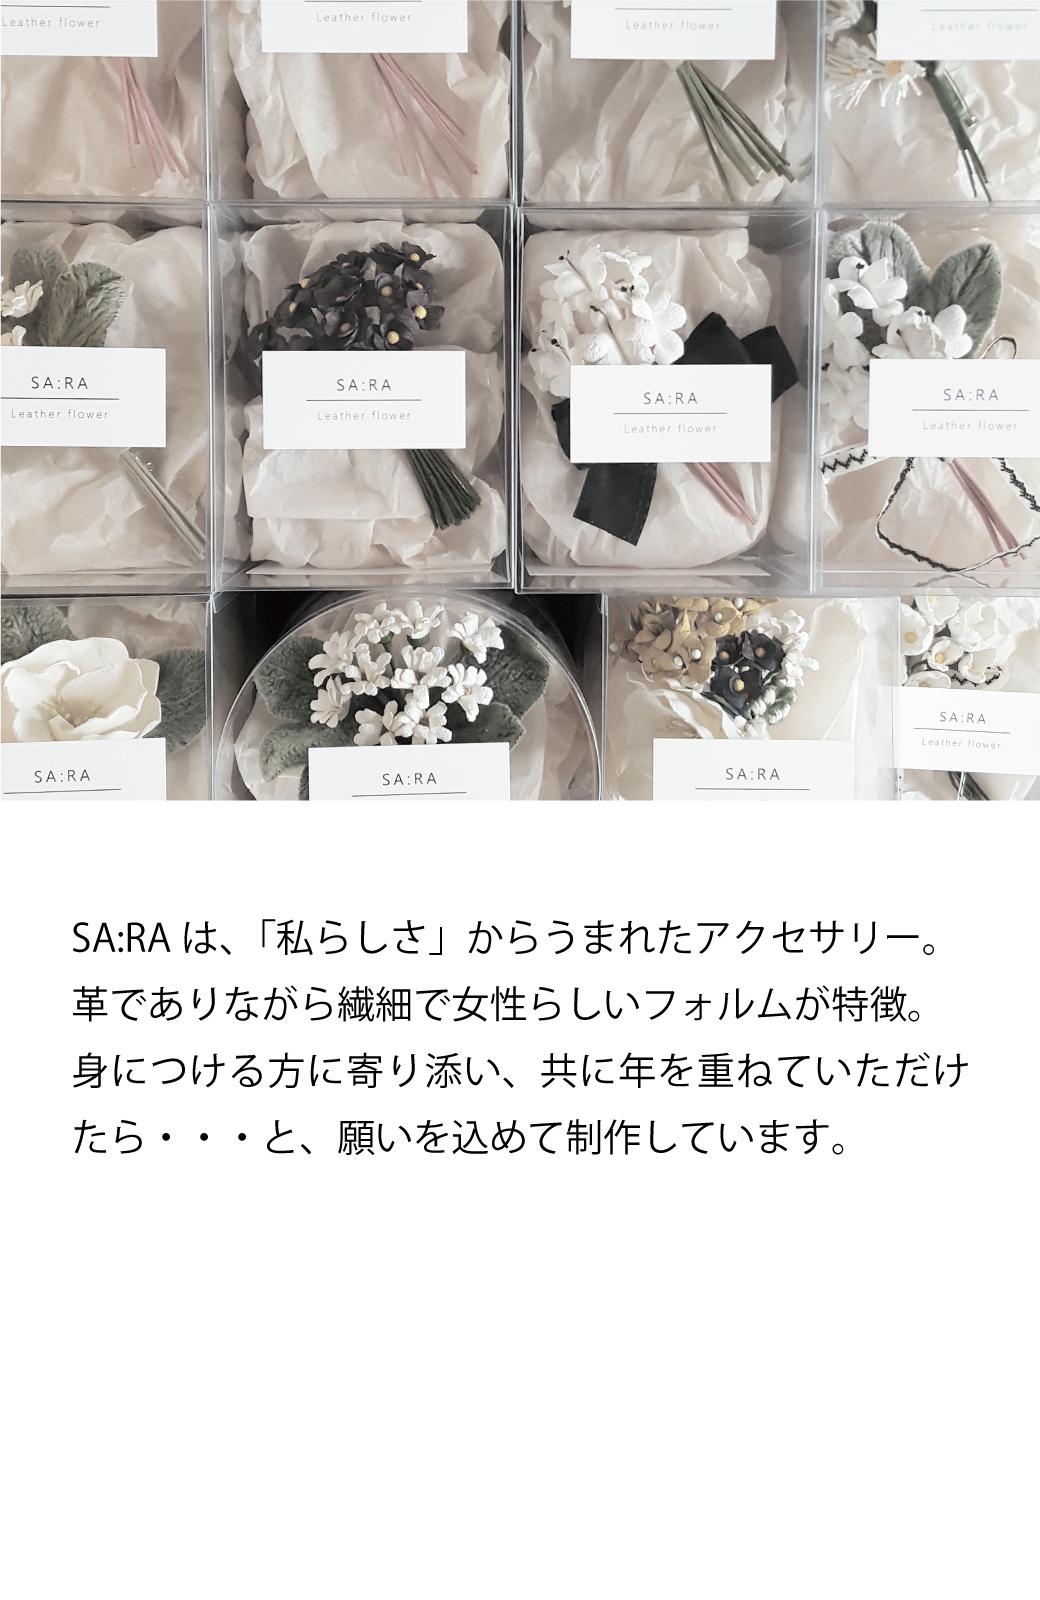 haco! てとひとて SA:RA clear flower ピアス <ゴールド系その他>の商品写真7